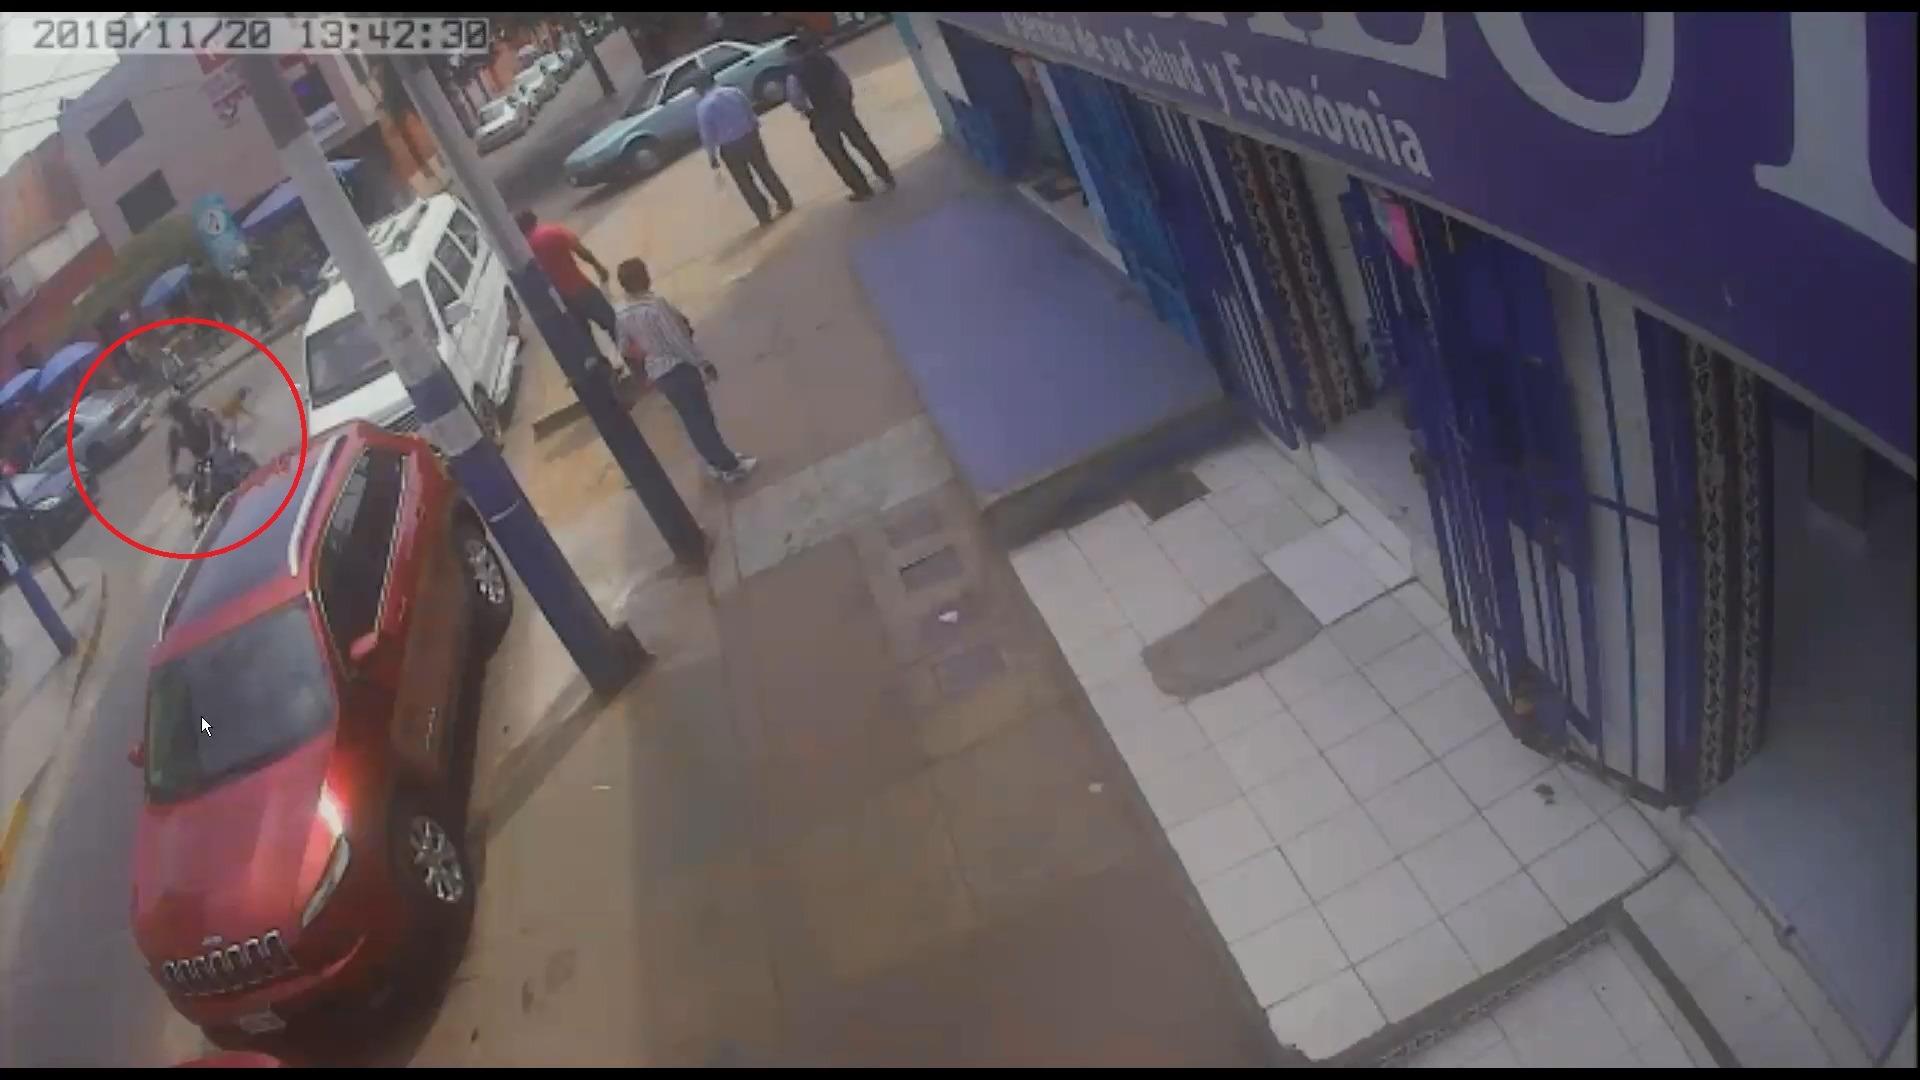 Los delincuentes que huyeron a bordo de una motocicleta lineal fueron capturados en la avenida El Sol del Rímac.